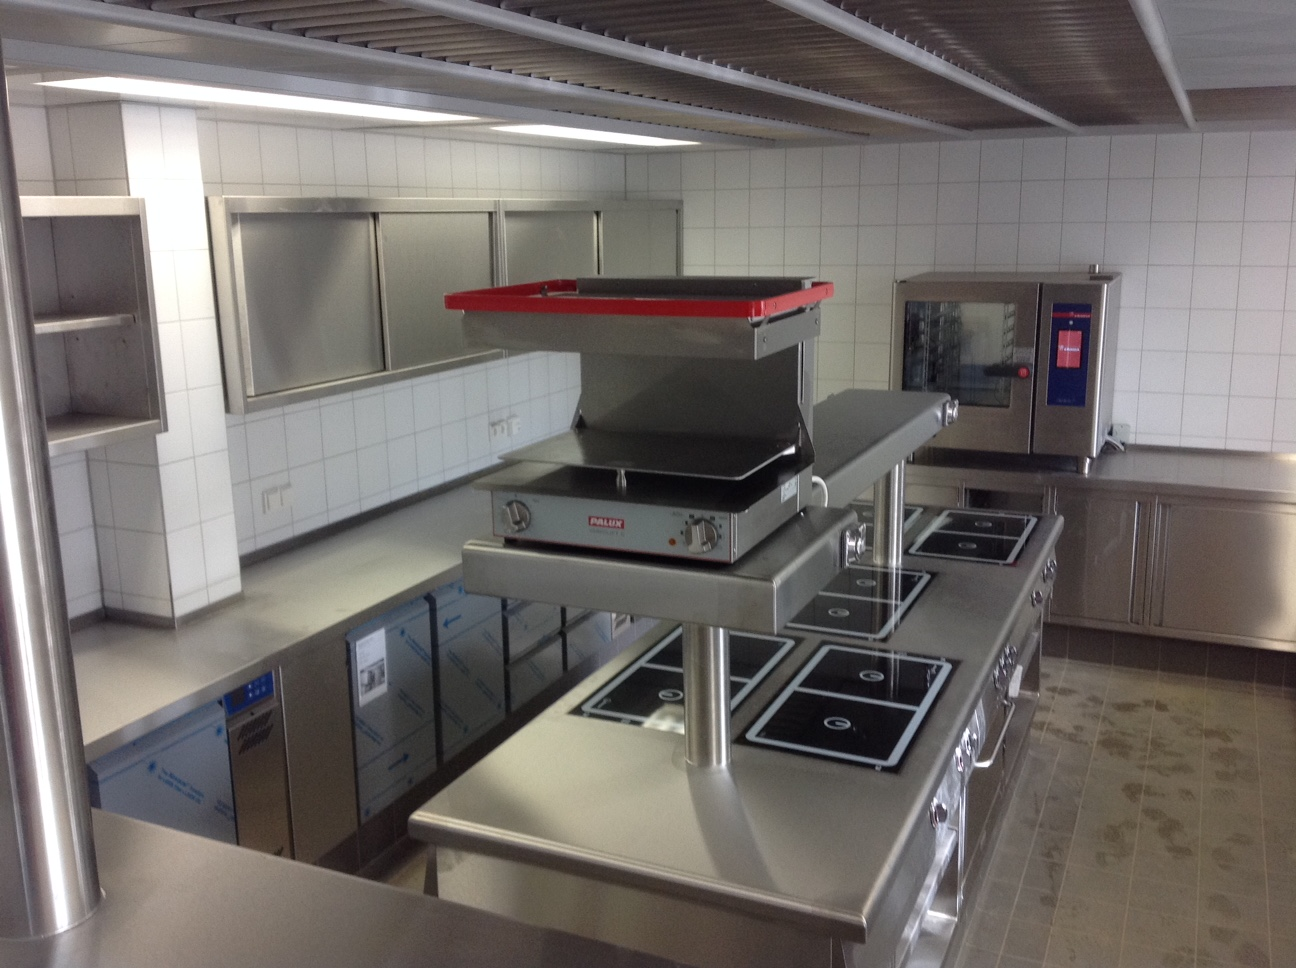 Großküchenplanung vom Profi - mit Gastro Service Boden